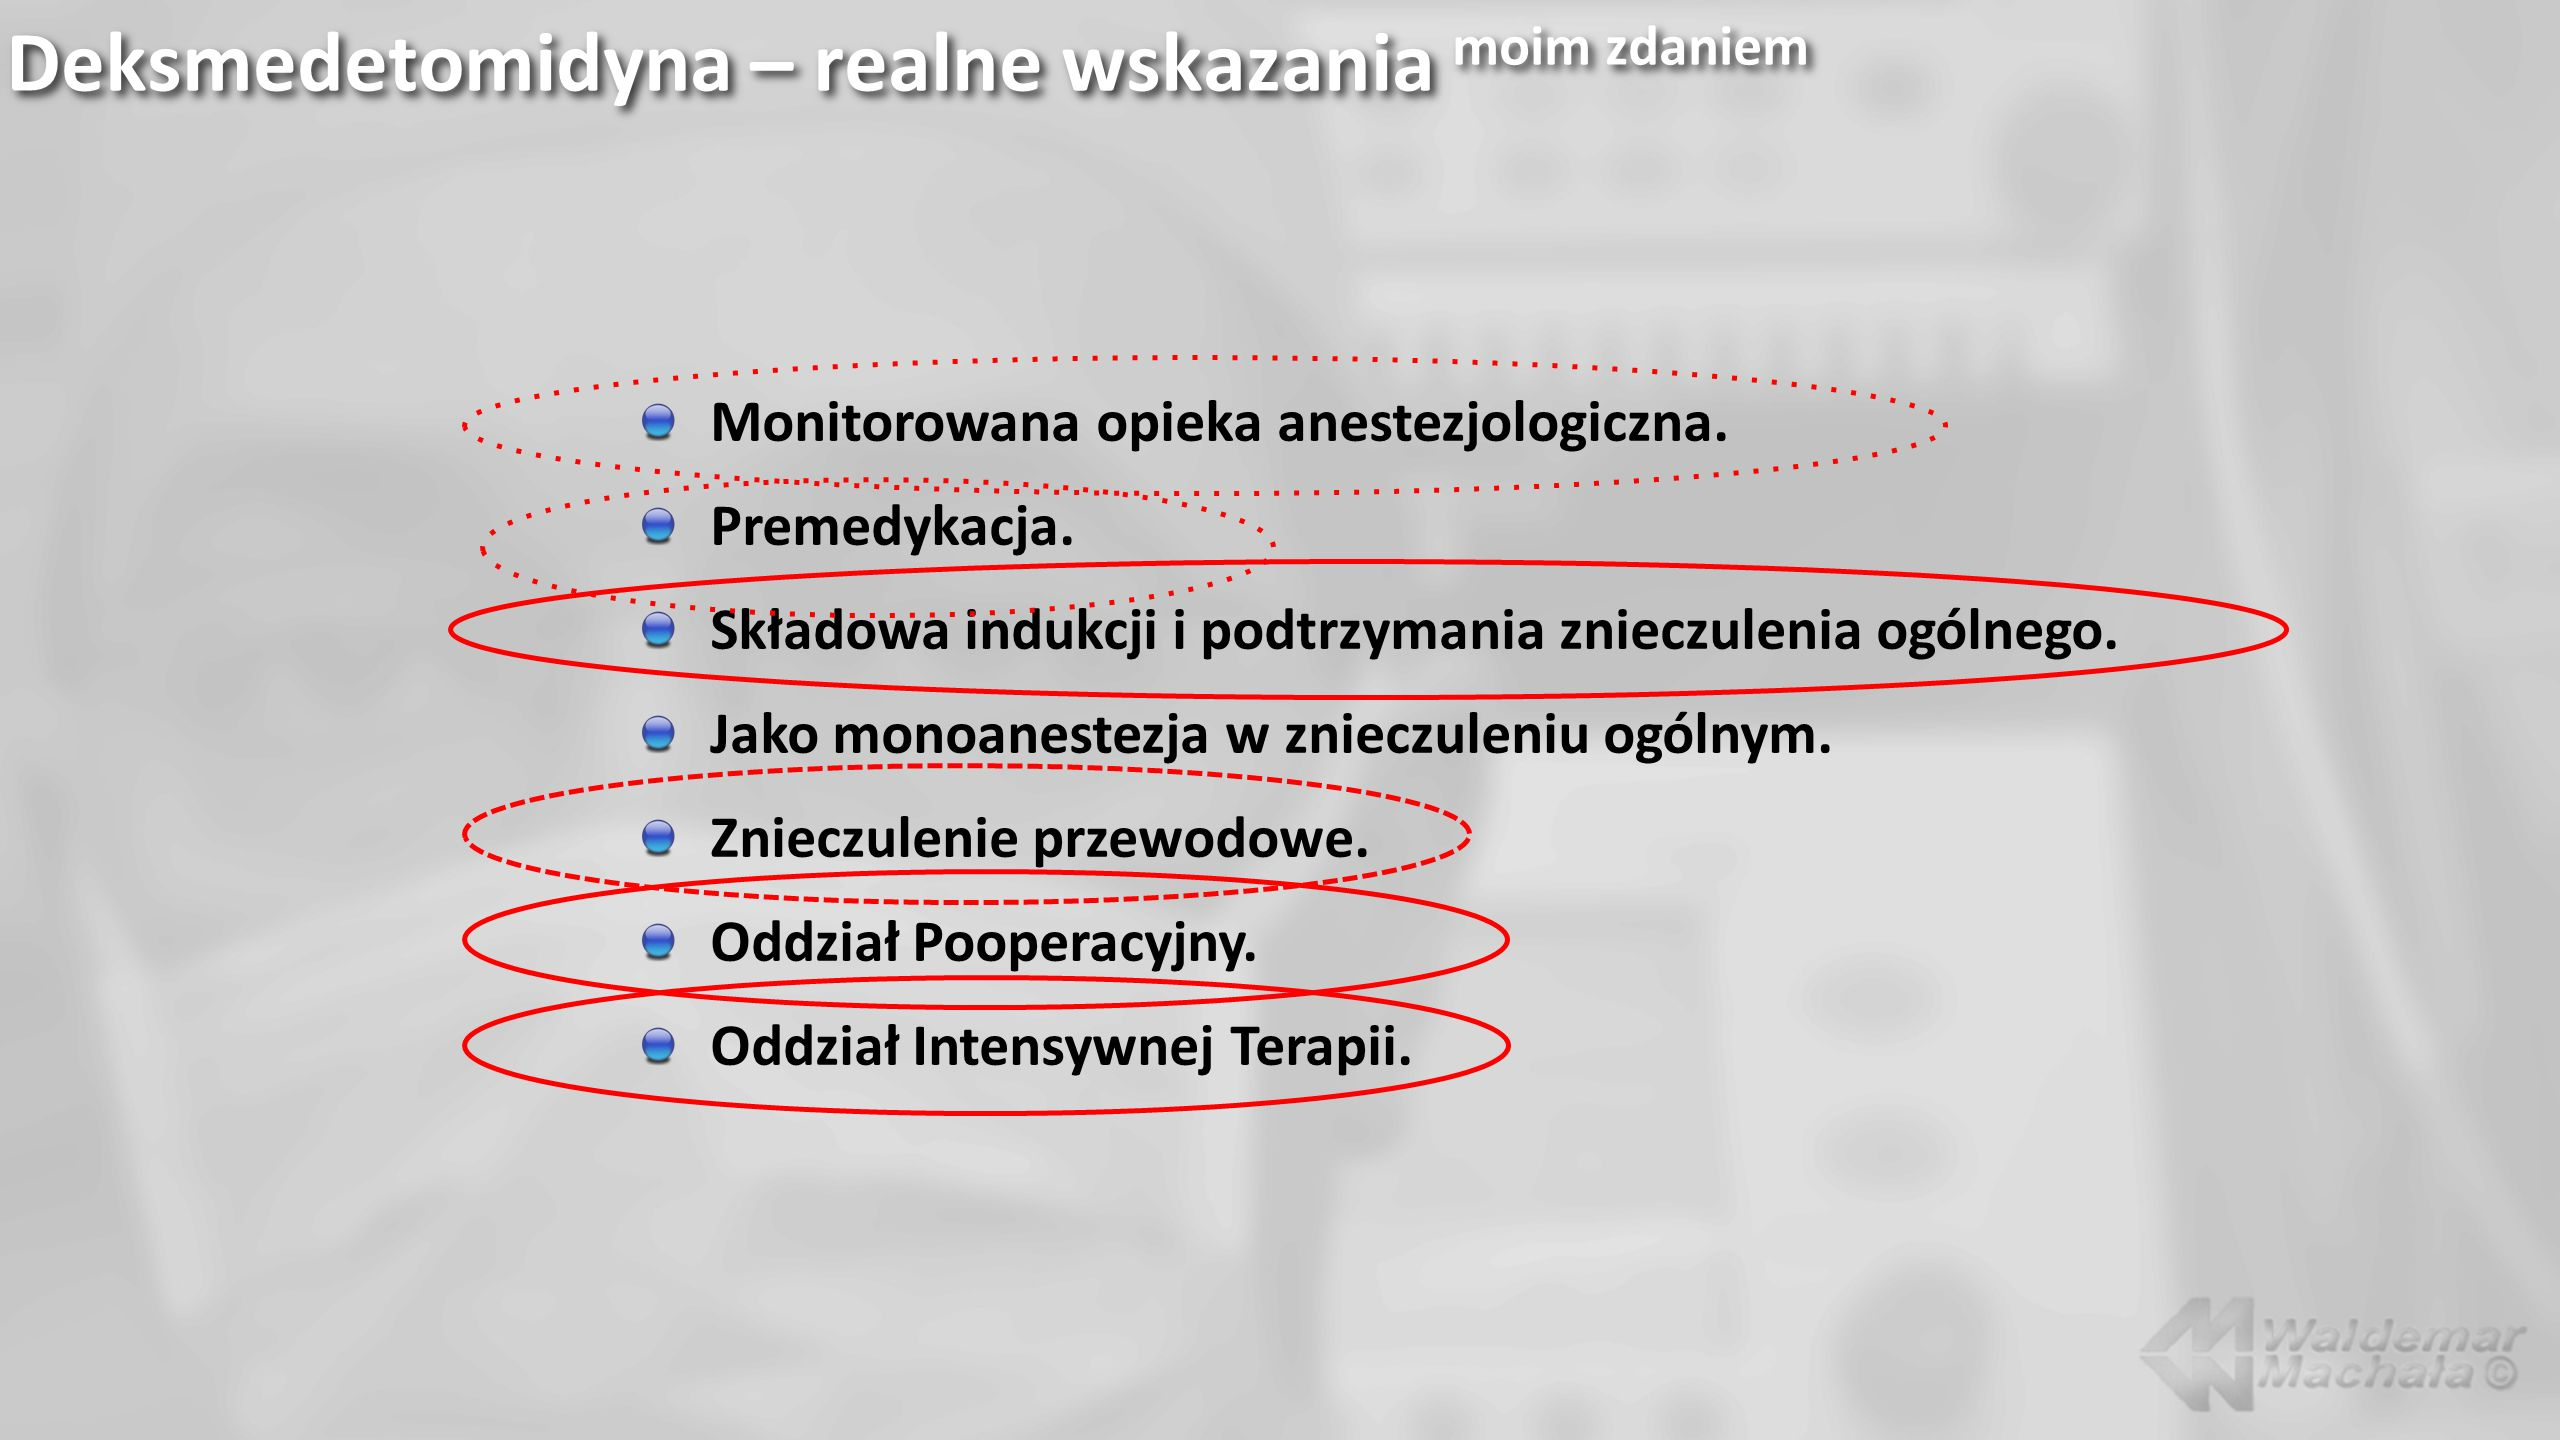 Deksmedetomidyna – realne wskazania moim zdaniem Monitorowana opieka anestezjologiczna. Premedykacja. Składowa indukcji i podtrzymania znieczulenia og